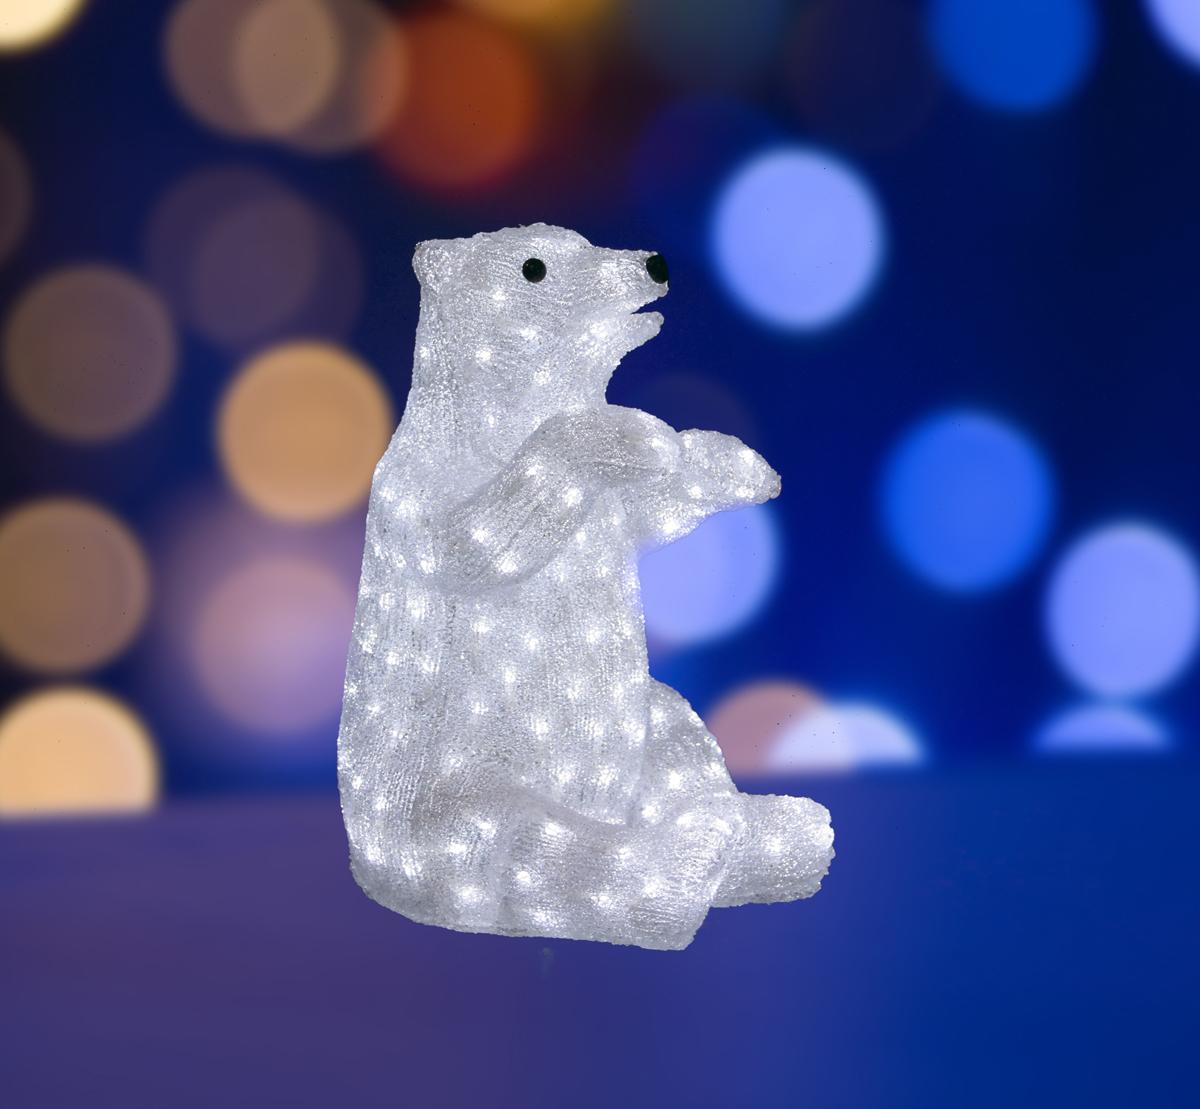 Фигура акриловая светодиодная Neon-Night Белый медведь, 200 LED, с понижающим трансформатором, 36 х 41 х 53 см513-249Акриловые фигуры за несколько лет вызвали большой интерес у дизайнеров и частных клиентов. С каждым годом расширяется не только ассортимент акриловых фигур, но и появляются новые технологии нанесения акрила. Эти яркие, светящиеся объемные фигуры, состоящие из металлического каркаса, акрила и светодиодов, применяются для оформления и создания новогодней атмосферы в кафе, ресторанах, торговых центрах, магазинах, на площадях и перед входом, а также просто в частных домах и квартирах. Все фигуры укомплектованы понижающим трансформатором , что обеспечивает безопасность при контактировании, а так же имеют степень защиты IP 44, что позволяет использовать их как в помещении, так и на улице. Акриловая светодиодная фигура Белый медведь высотой 36 см, светящаяся более чем 200 ярких диодов, выполнена по специальной технологии нанесения акрила имитируя шерстяной покров реального животного. Она позволит Вам создать ту самую, настояющую новогоднюю атмосферу и принести сотни радостных улыбок.